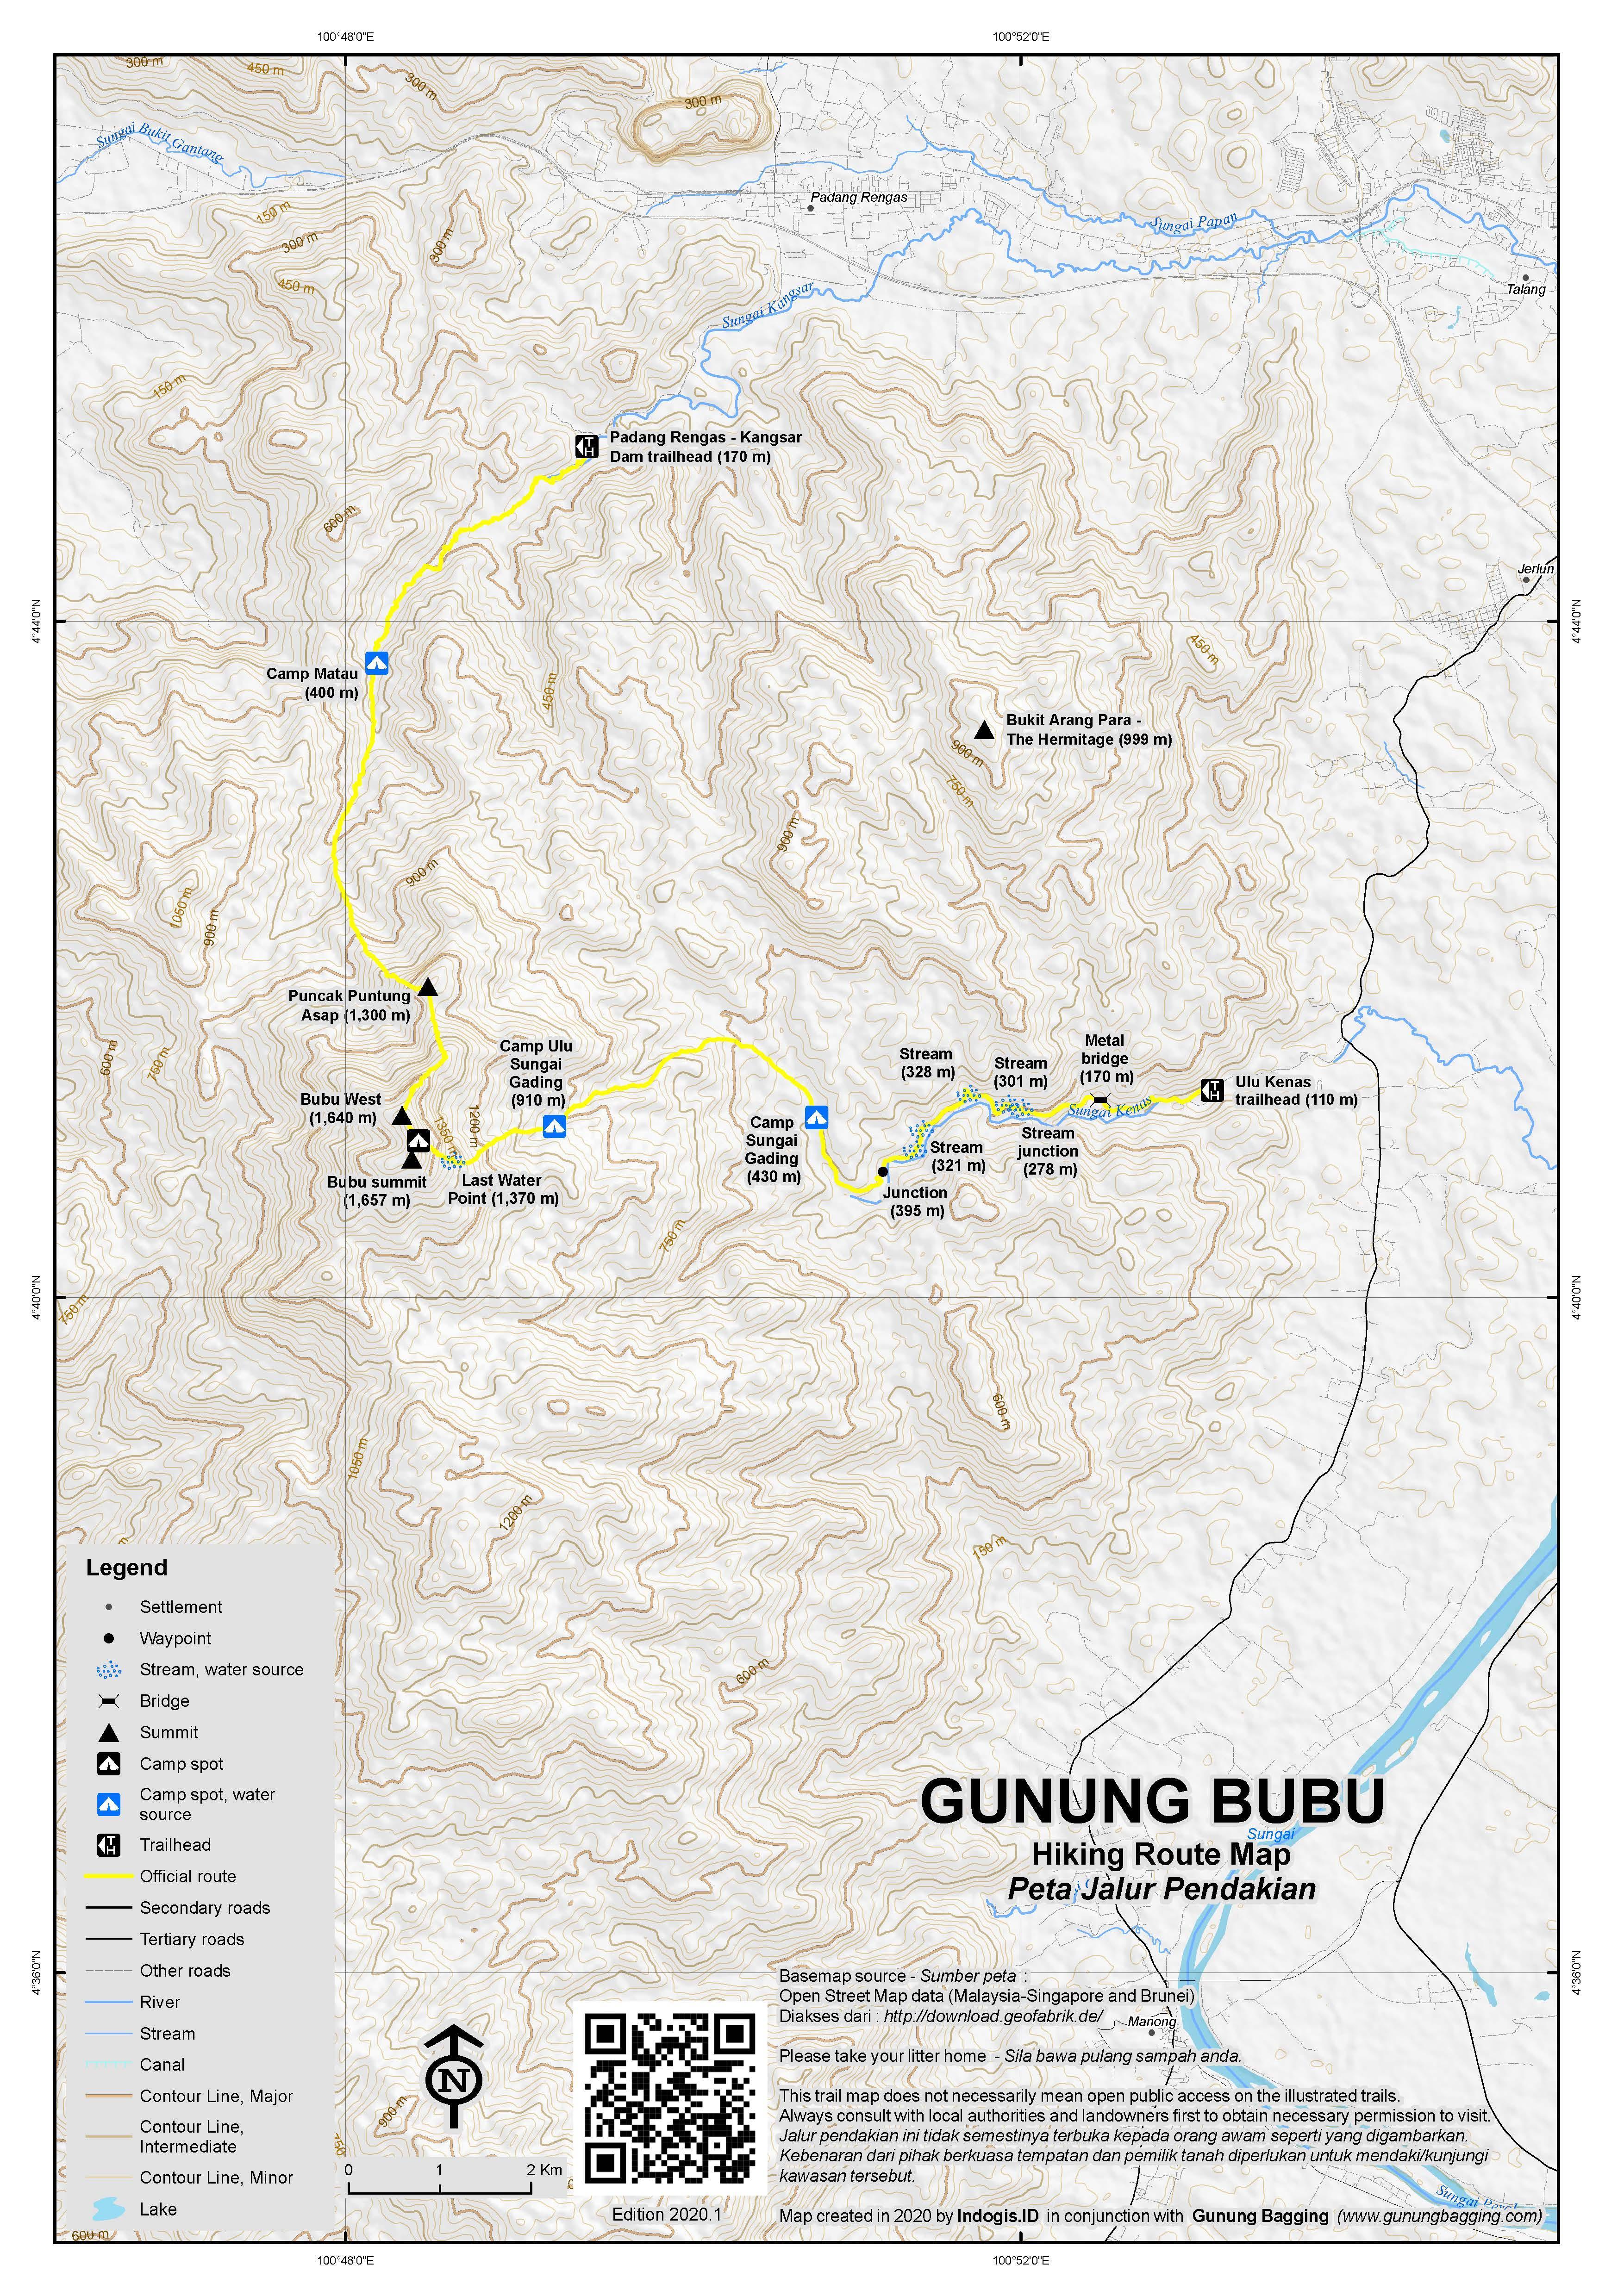 Peta Jalur Pendakian Gunung Bubu